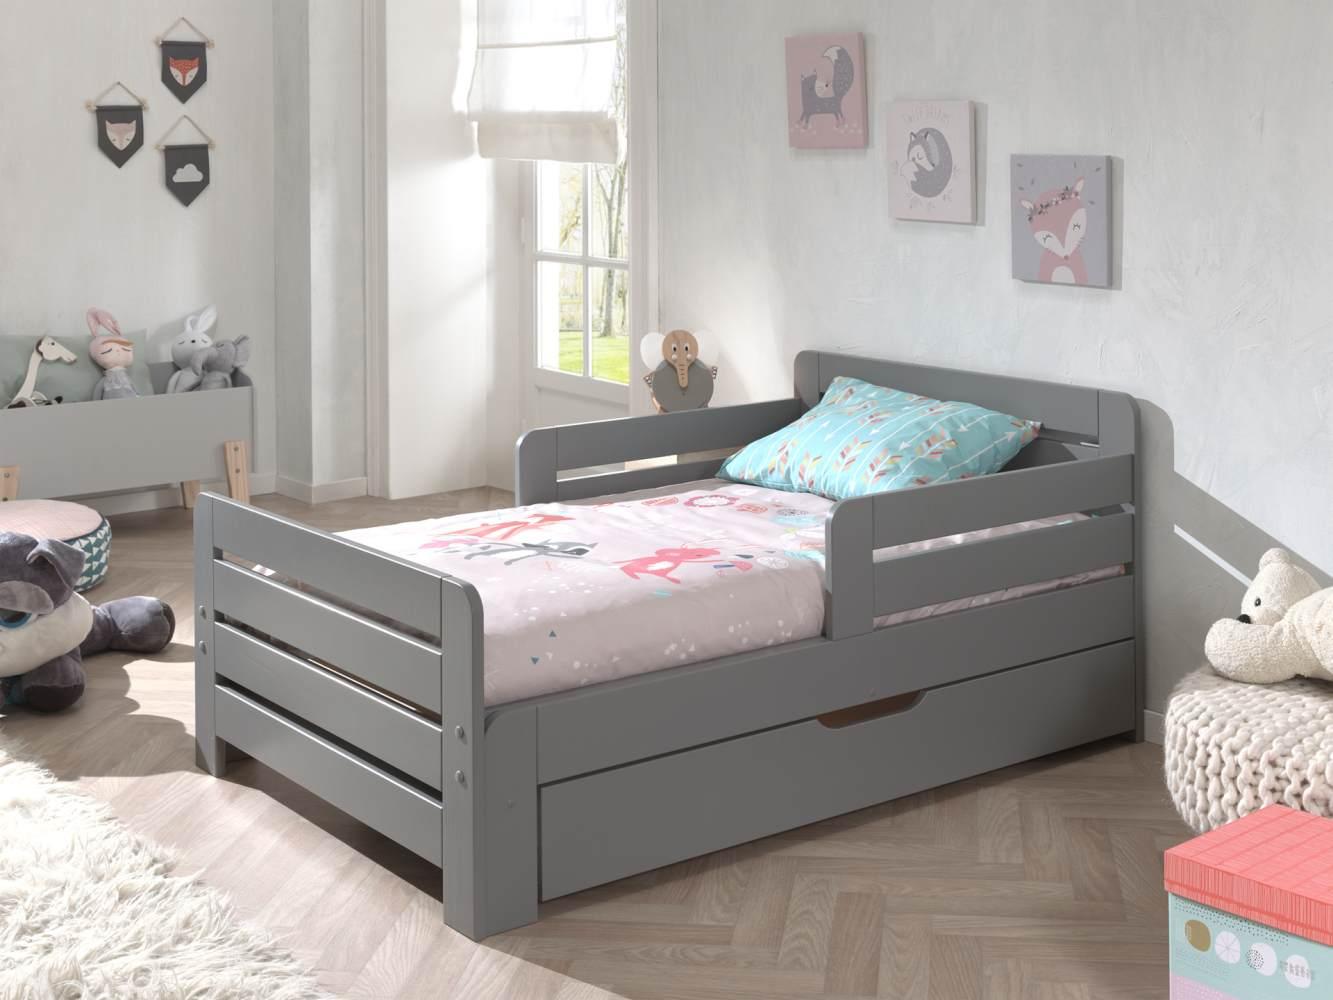 Vipack Kinderbett 'Jumper' zum ausziehen von 90 x 160/200 cm, inkl. Bettschublade und Matratze Bild 1